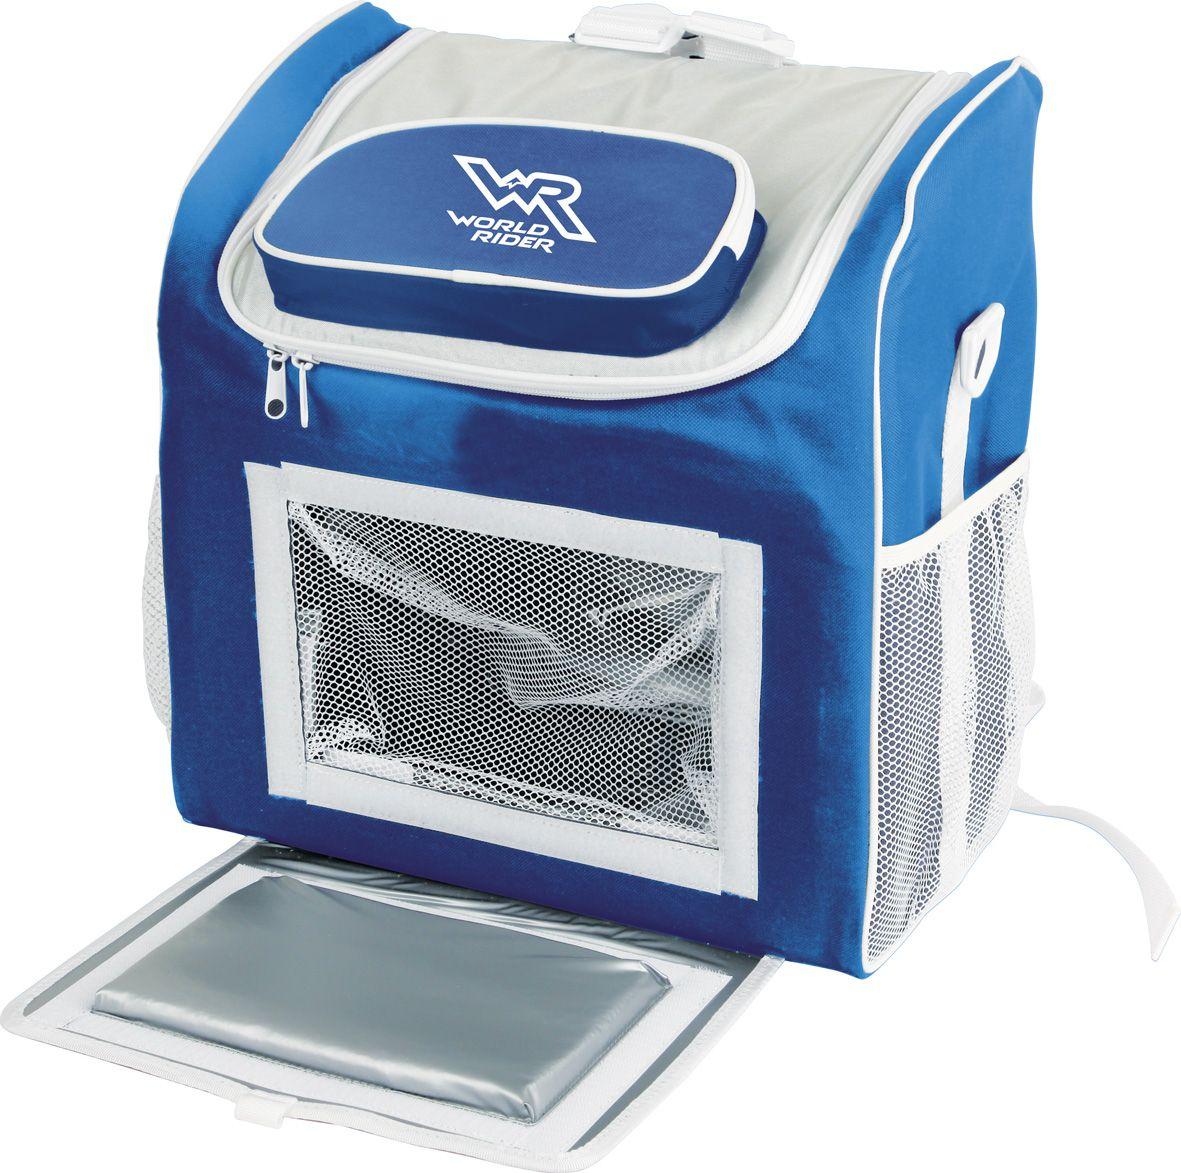 """Сумка-холодильник """"World Rider"""" длительное время сохраняет продукты в свежем  состоянии, поддерживает температуру на нужном уровне. Обеспечивает разницу  температур 10–12°С по отношению к температуре окружающей среды. Сумка  имеет долговечный бесколлекторный мотор и съемную систему охлаждения.  Идеально подходит для поездки на дачу и на пикник. Для удобной переноски  сумка имеет форму рюкзака и съемный плечевой ремень. Дополнительное  отделение на крышке и два боковых кармана создают дополнительное удобство.  Напряжение: DC 12 В. Потребляемая мощность: 40–65 Вт."""